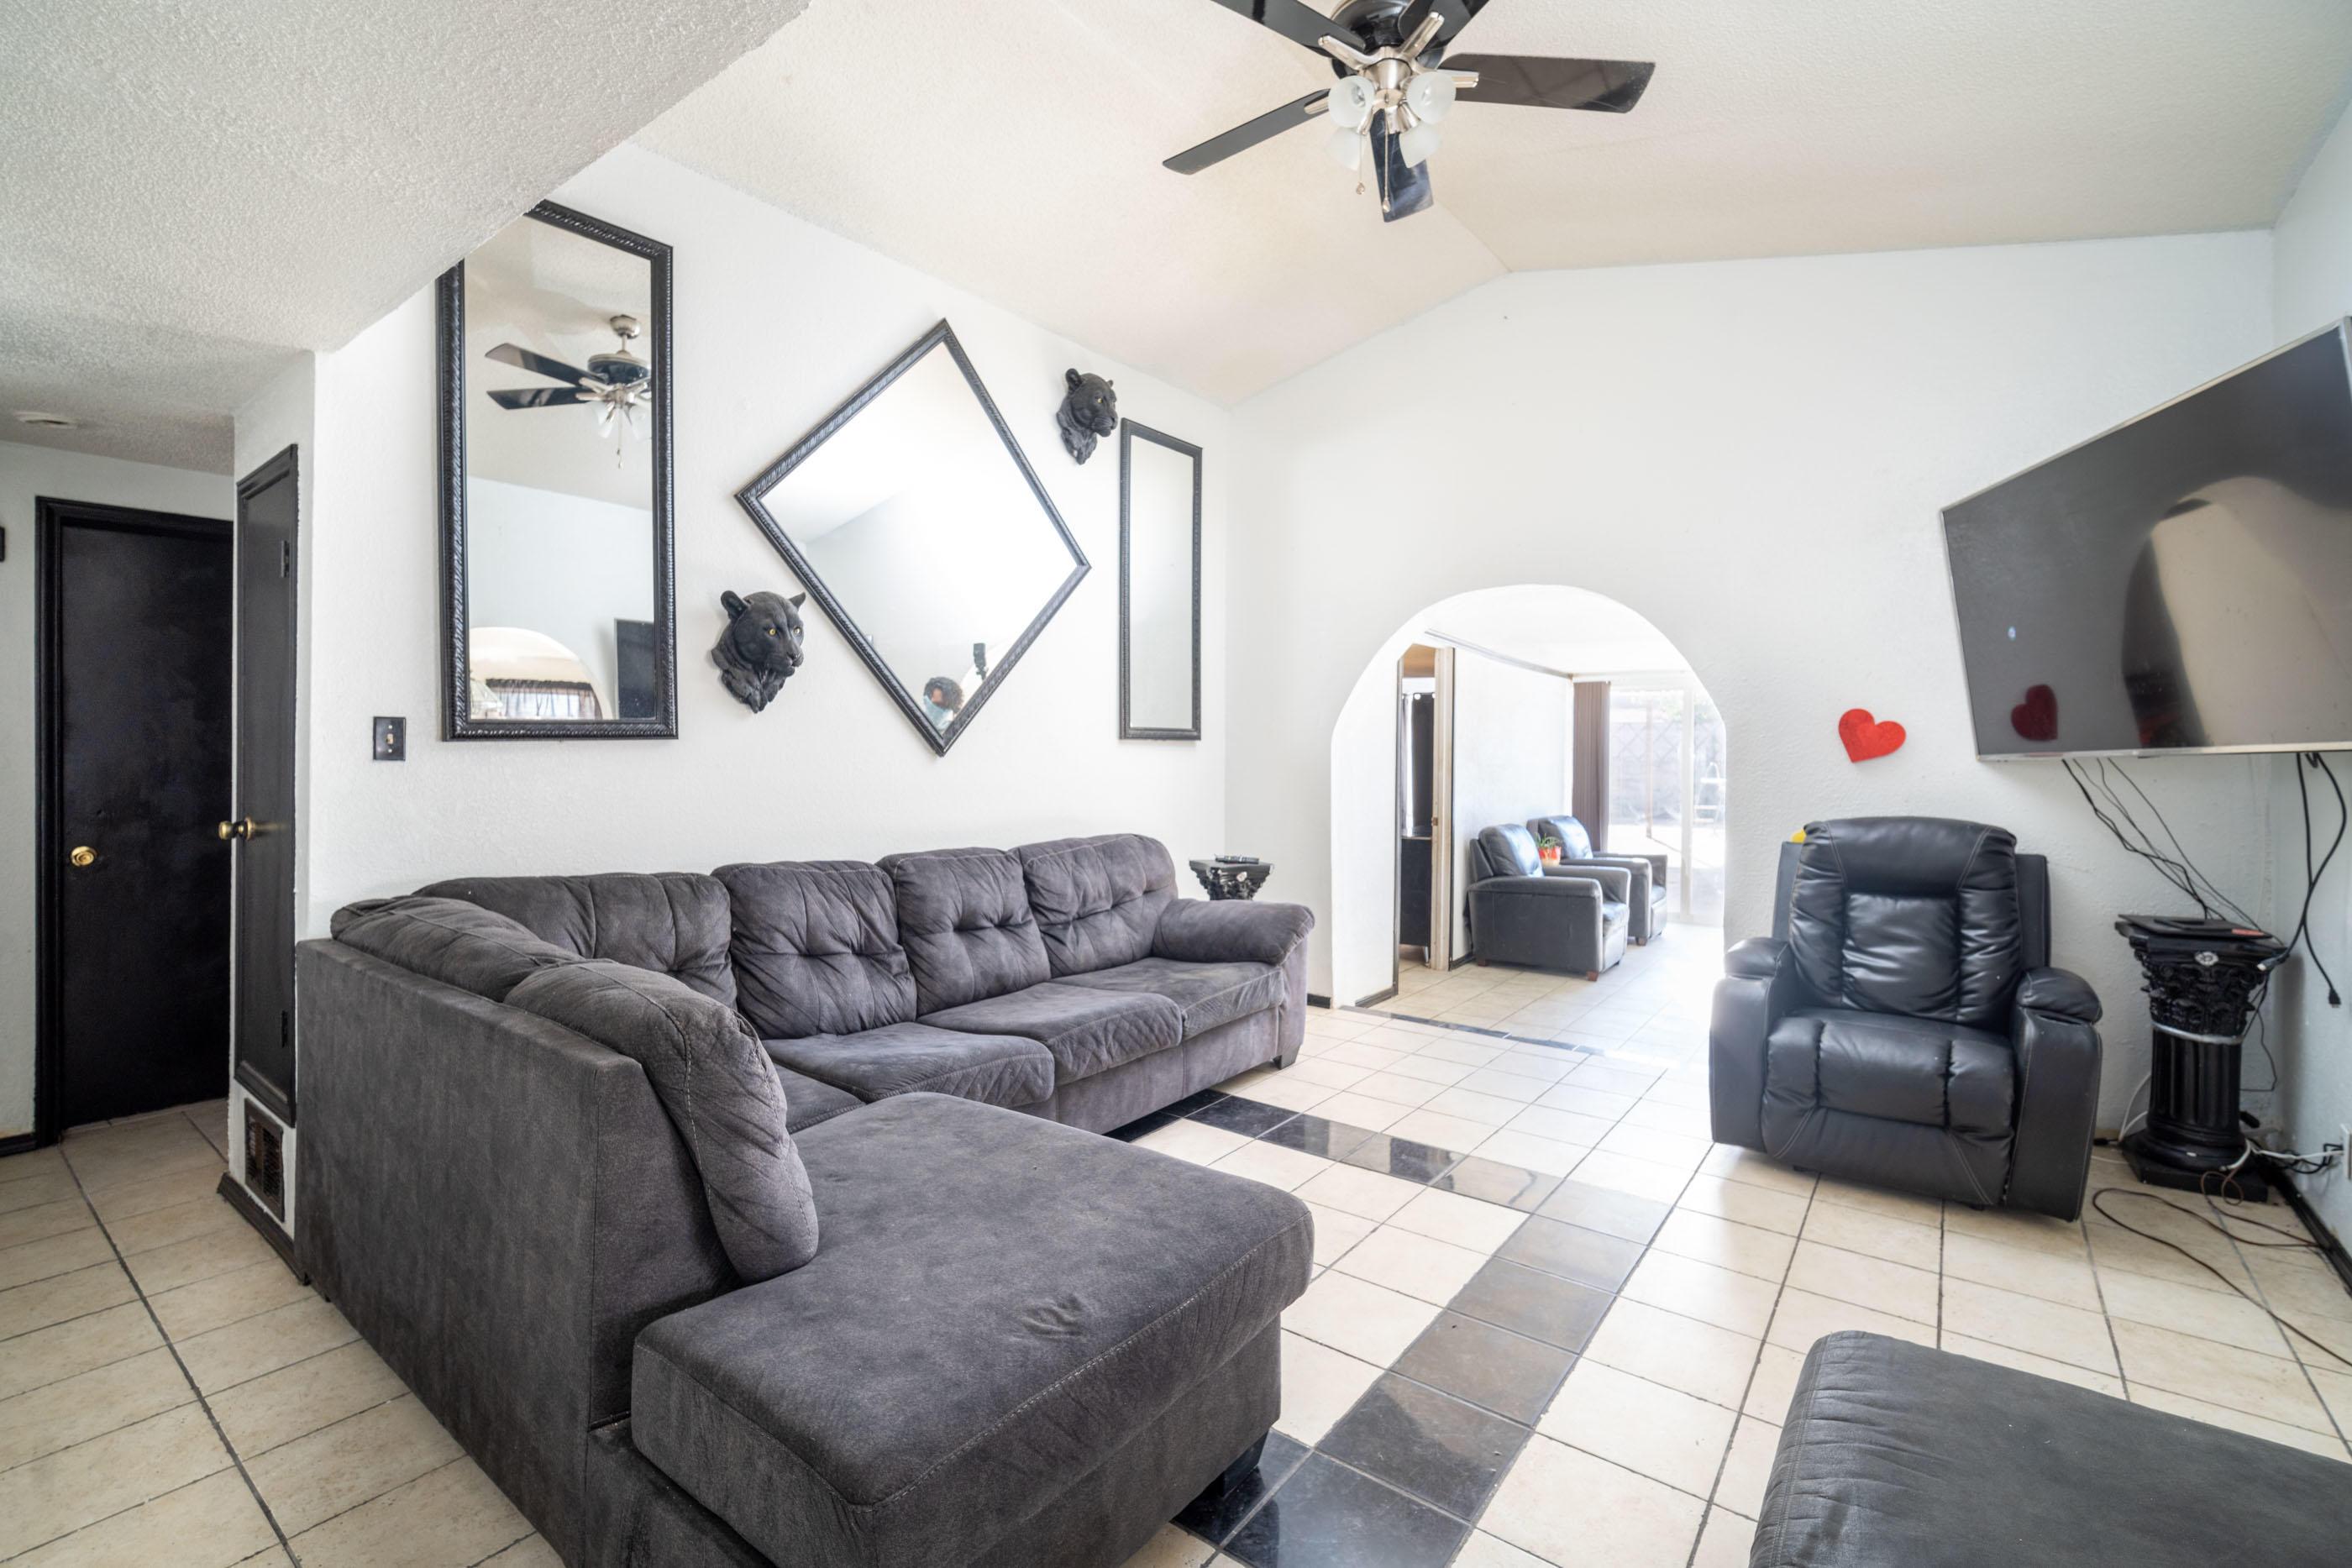 6665 TIGER EYE, El Paso, Texas 79924, 3 Bedrooms Bedrooms, ,2 BathroomsBathrooms,Residential,For sale,TIGER EYE,831436